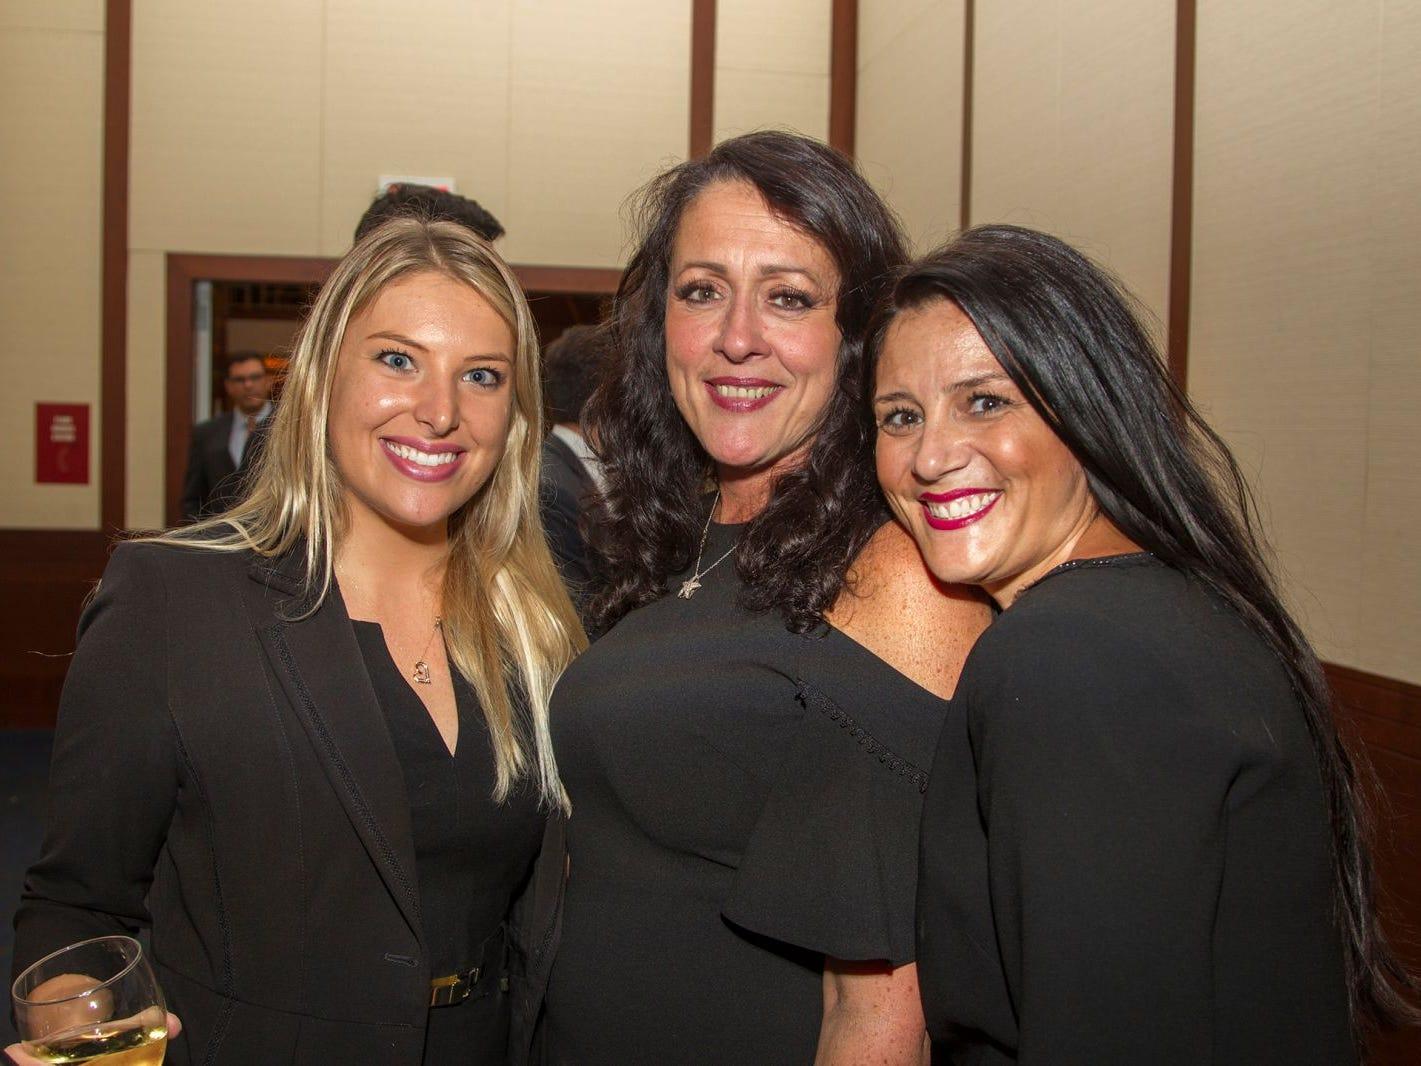 Erika Cevasco, Lori Lia, Lori Ciraolo. 11th annual IronMatt Fundraiser Gala at Pier 60 Chelsea Piers. 09/20/2018